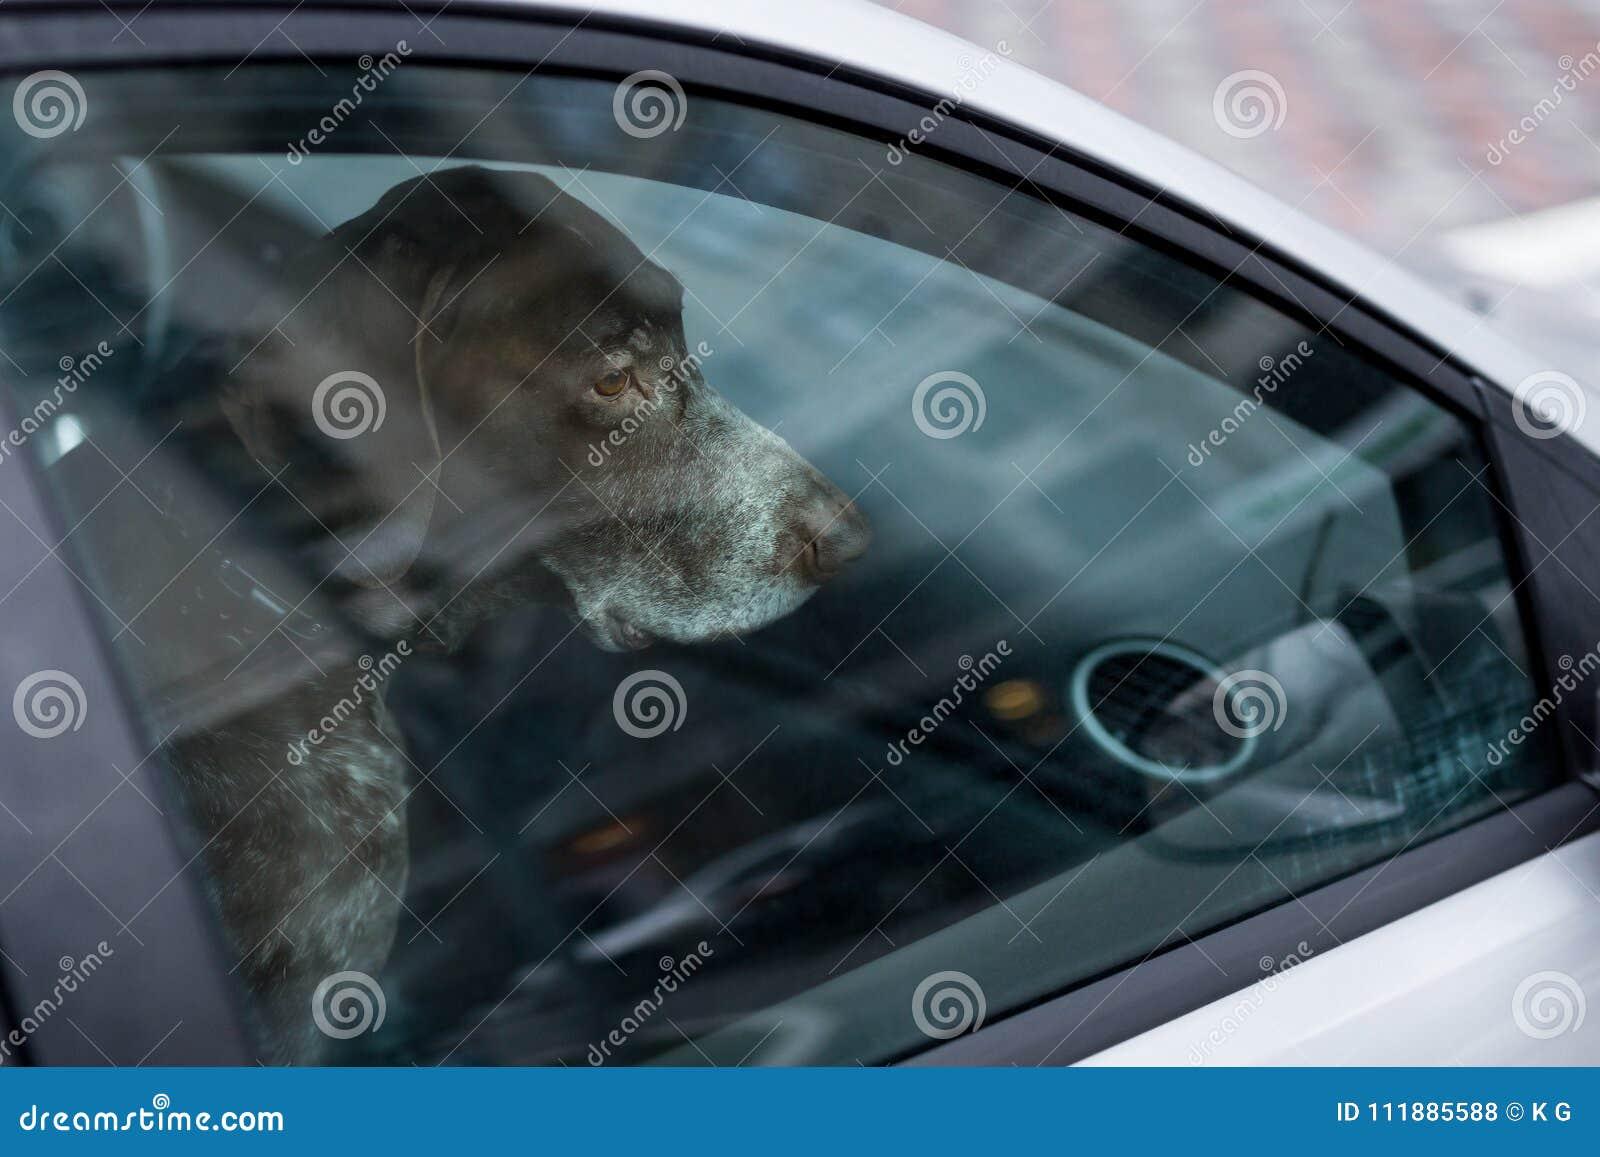 Cão esquerdo apenas no carro fechado Animal abandonado no espaço fechado Perigo do superaquecimento ou da hipotermia do animal de